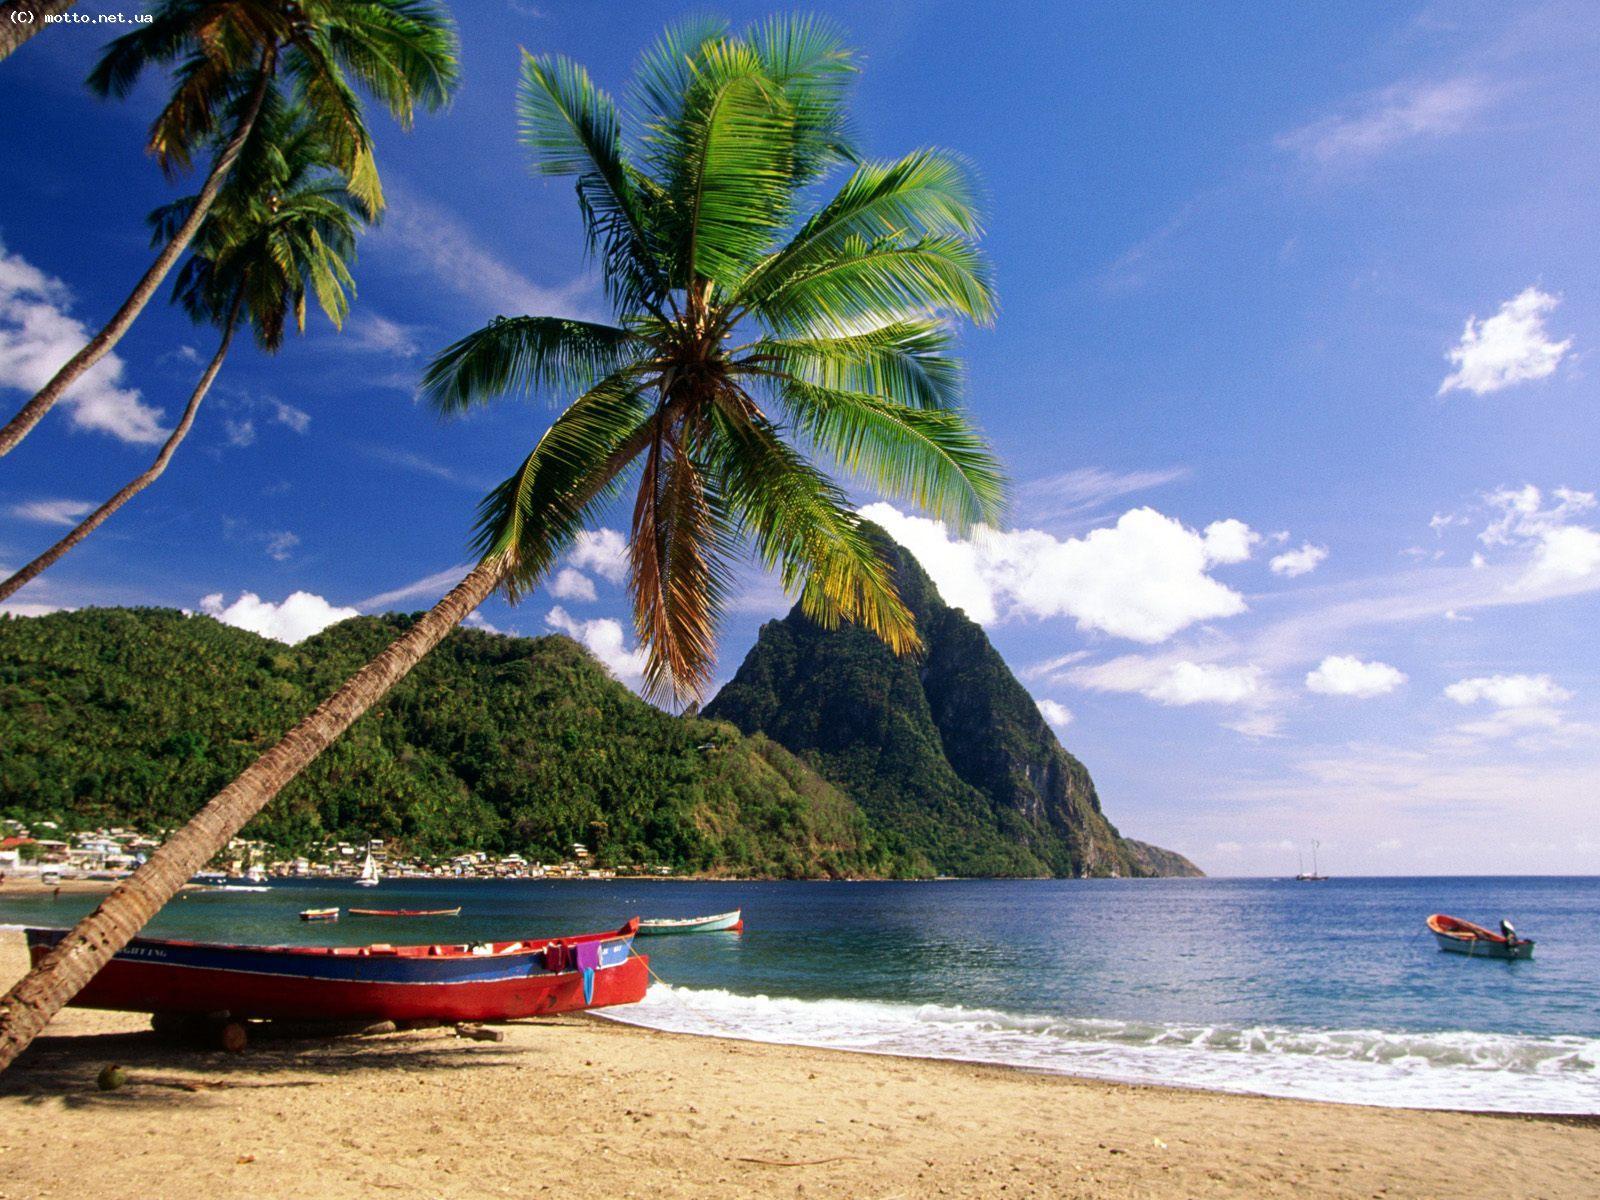 картинки карибский пляж две противоположности словно